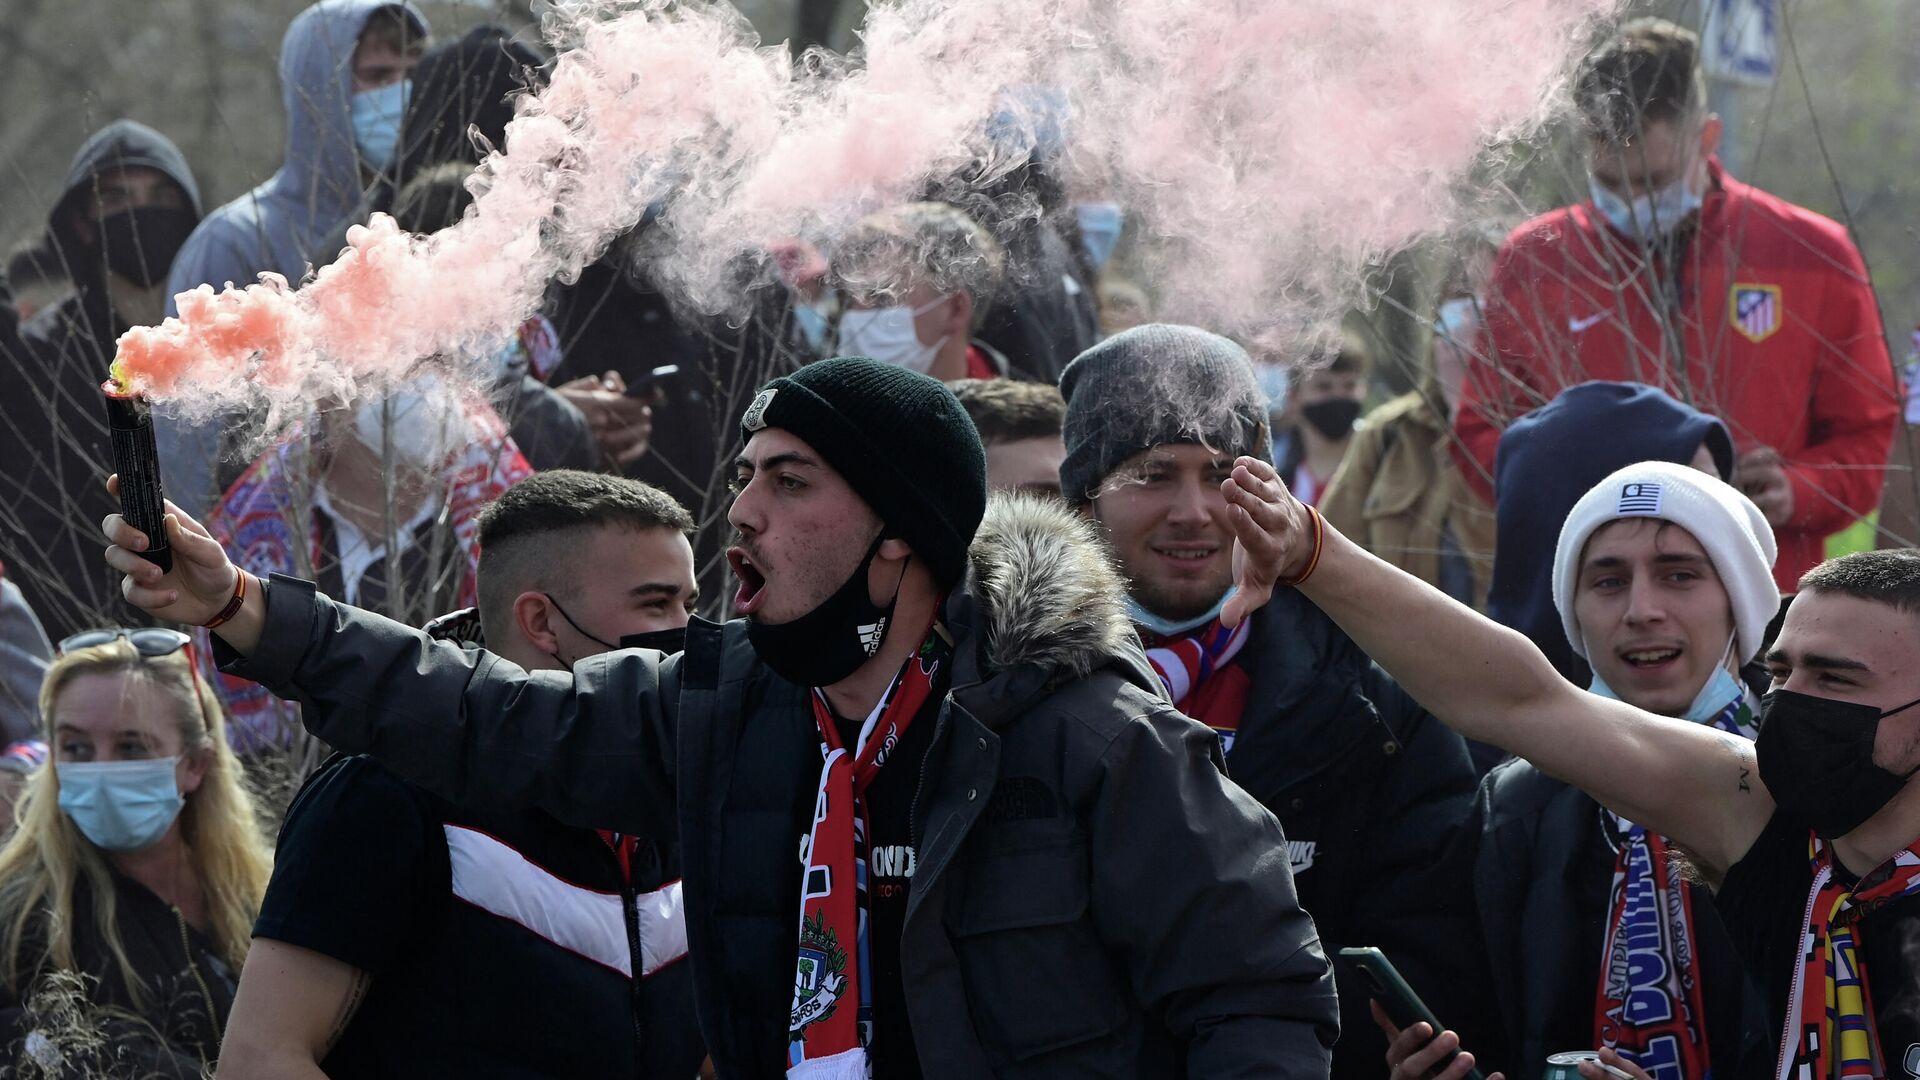 Un aficionado del Atlético enciende una bengala de humo fuera del estadio Wanda Metropolitano de Madrid el 7 de marzo de 2021.  - Sputnik Mundo, 1920, 08.03.2021